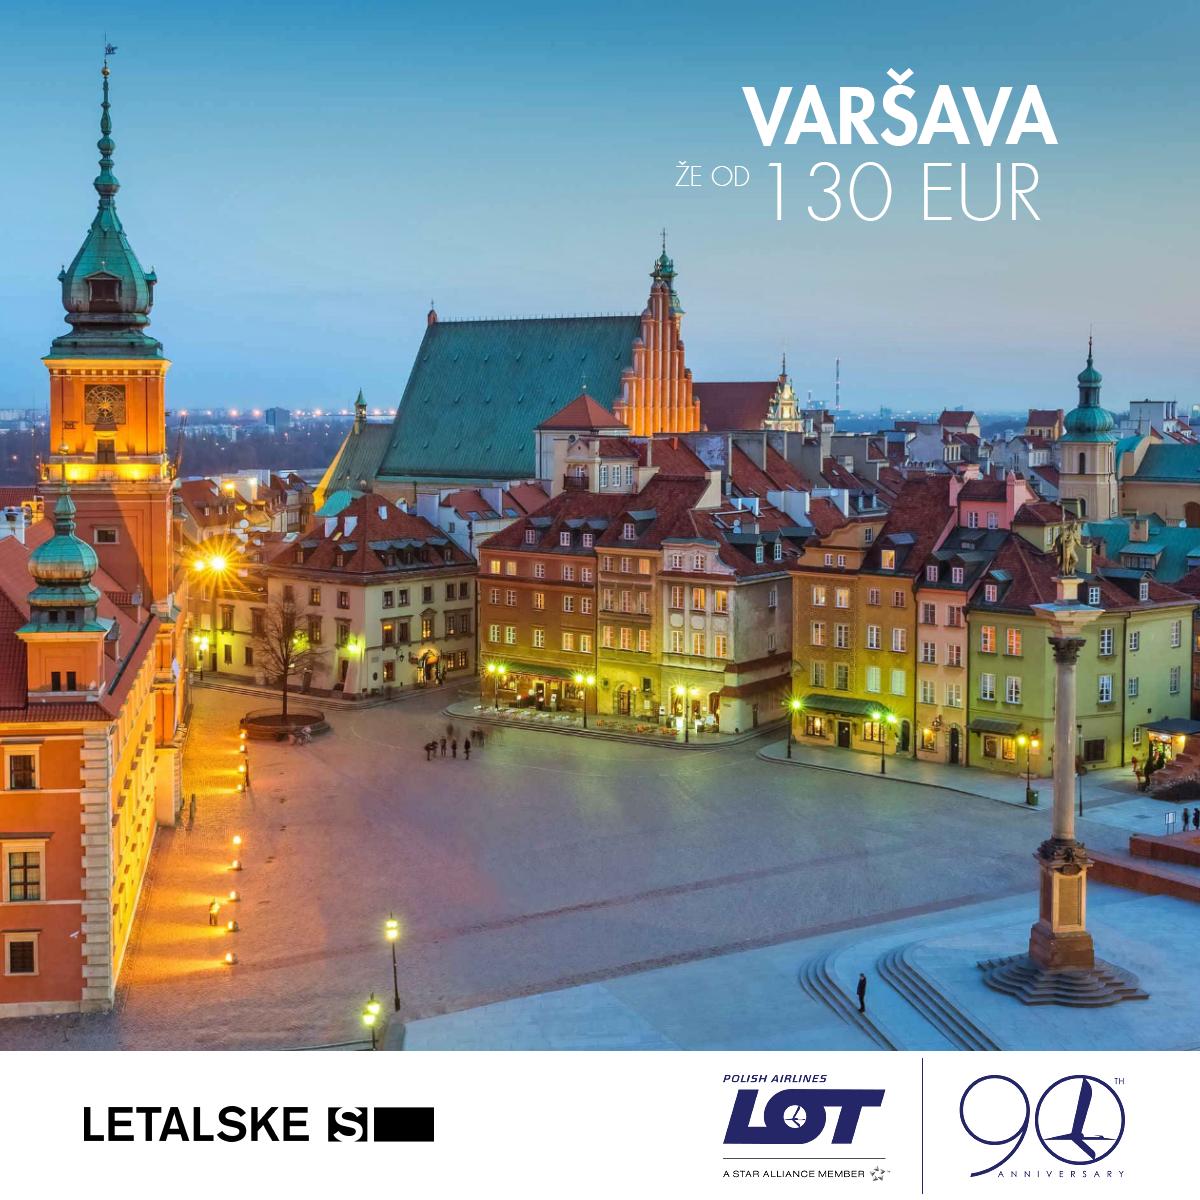 Varsava vizual, Varsava već od 1400 kuna, Varsava jeftine avio karte, putovanje za Varsava